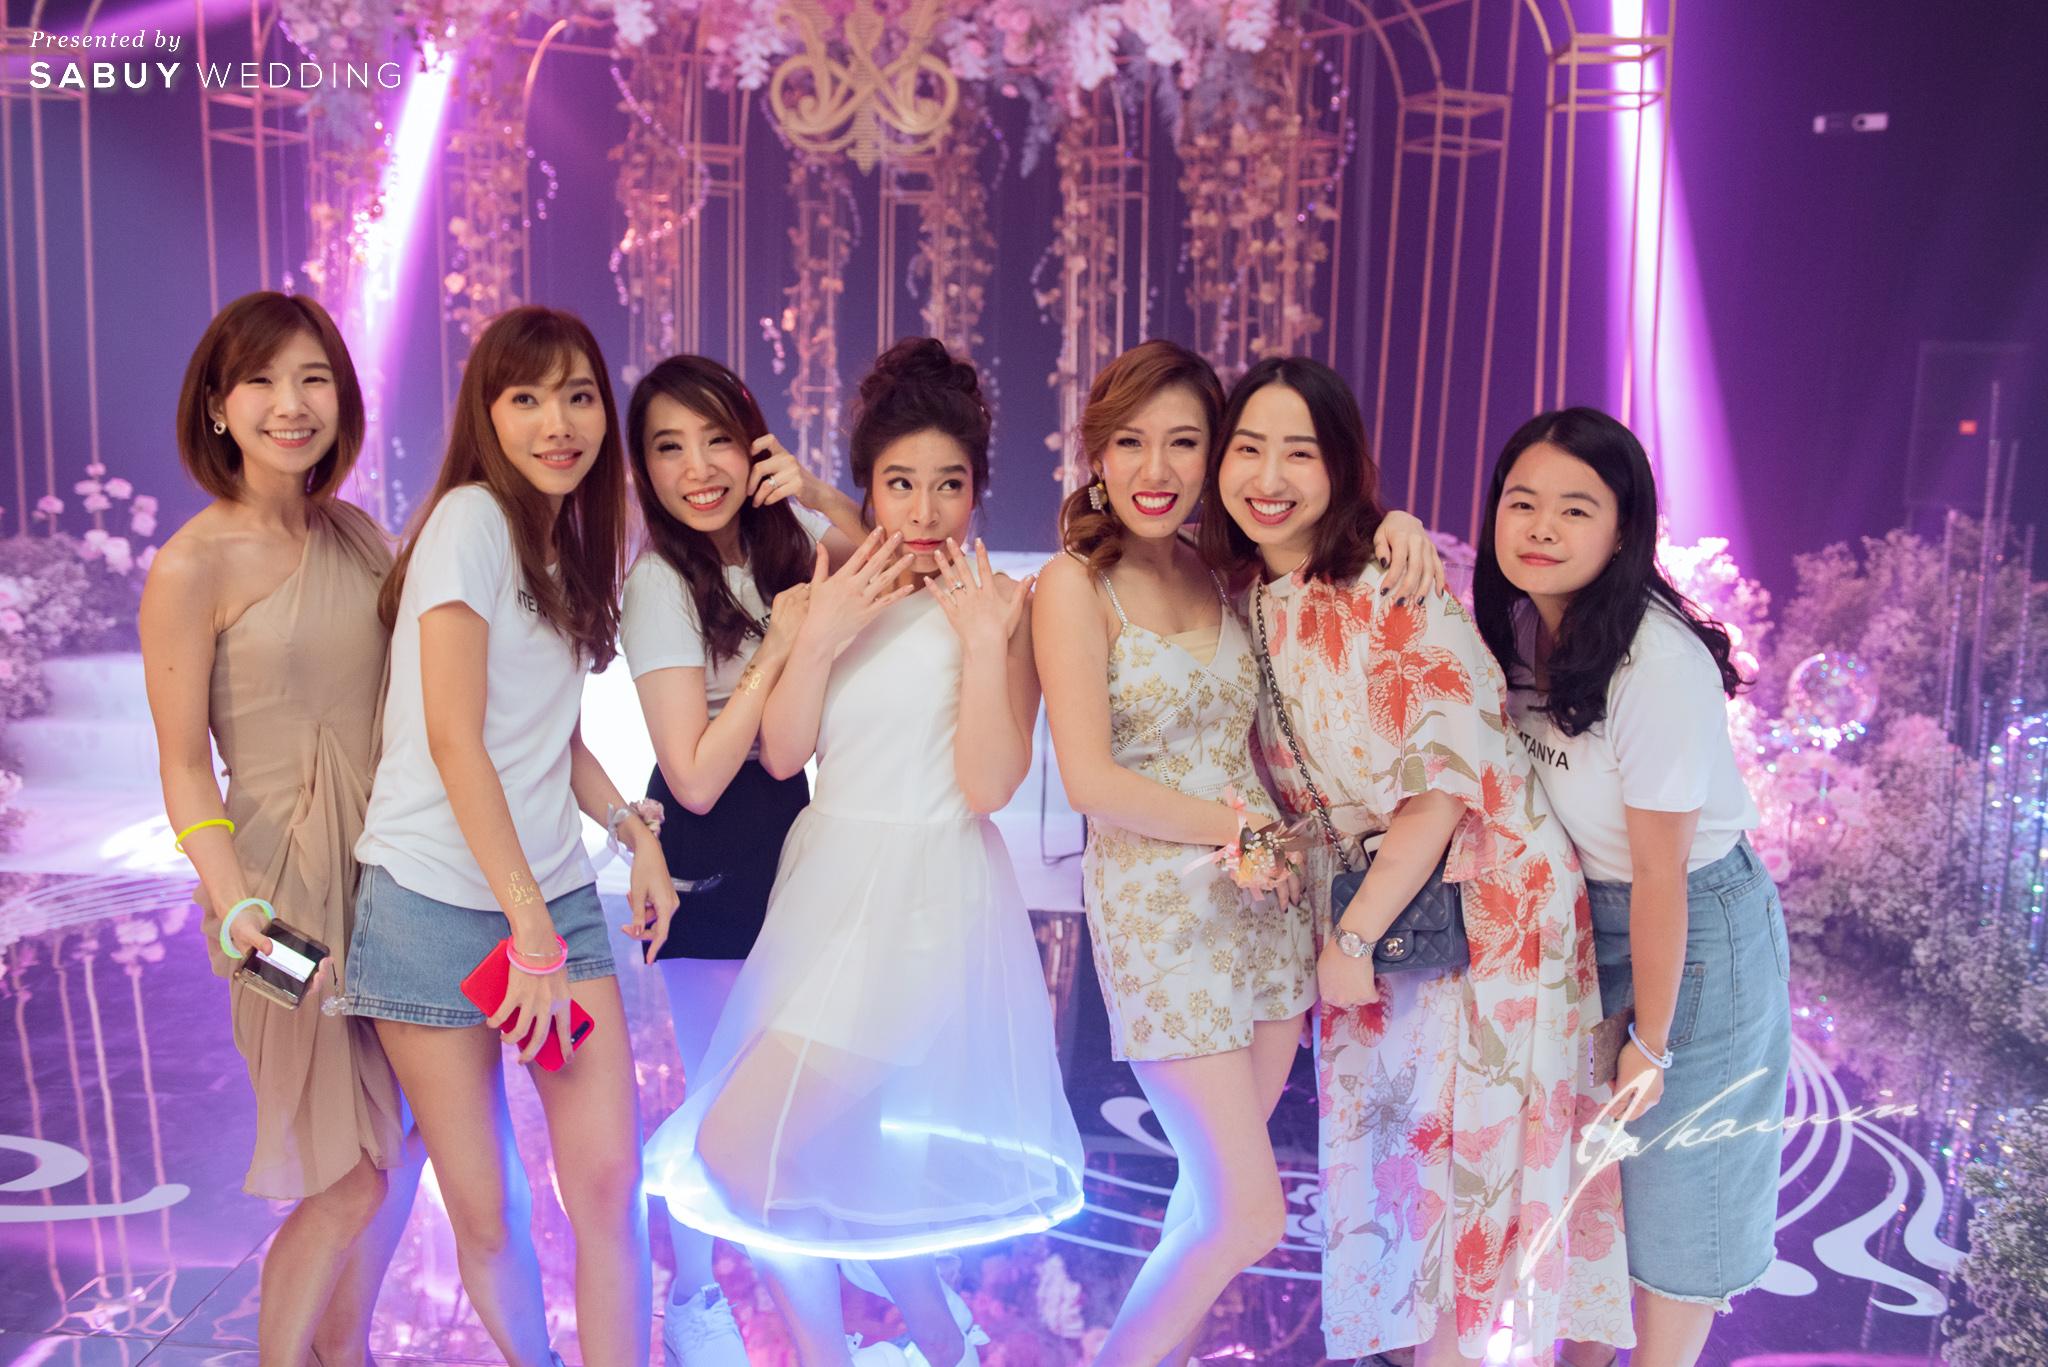 เจ้าบ่าว,เจ้าสาว รีวิวงานแต่งสวยปัง อลังกับชุดเจ้าสาว Glow in the dark เรืองแสงได้ @ InterContinental Bangkok